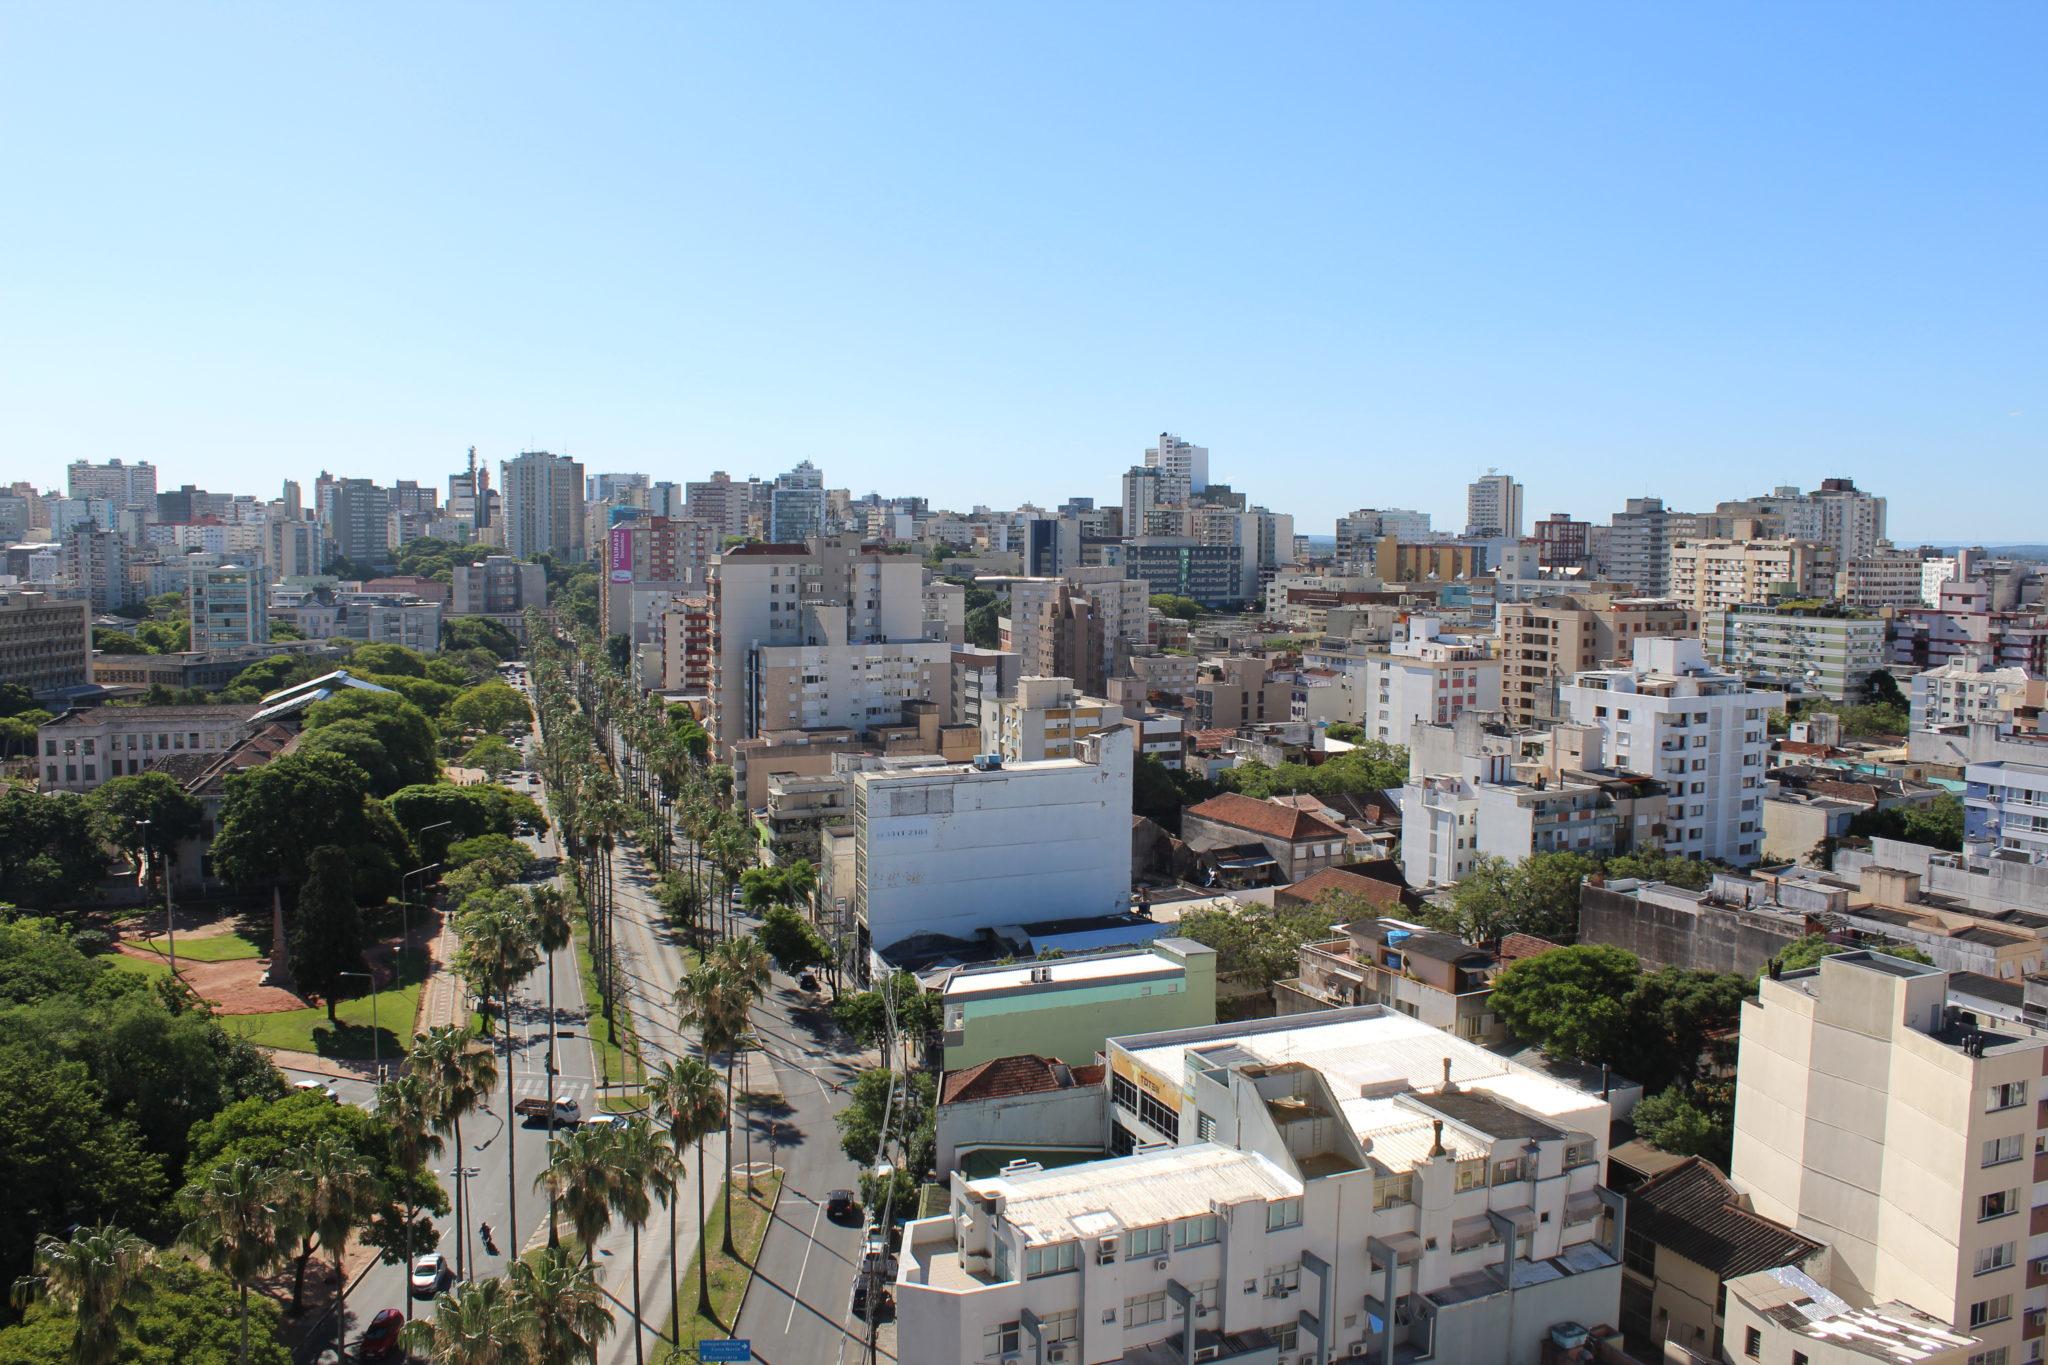 Em busca da urbanidade perdida